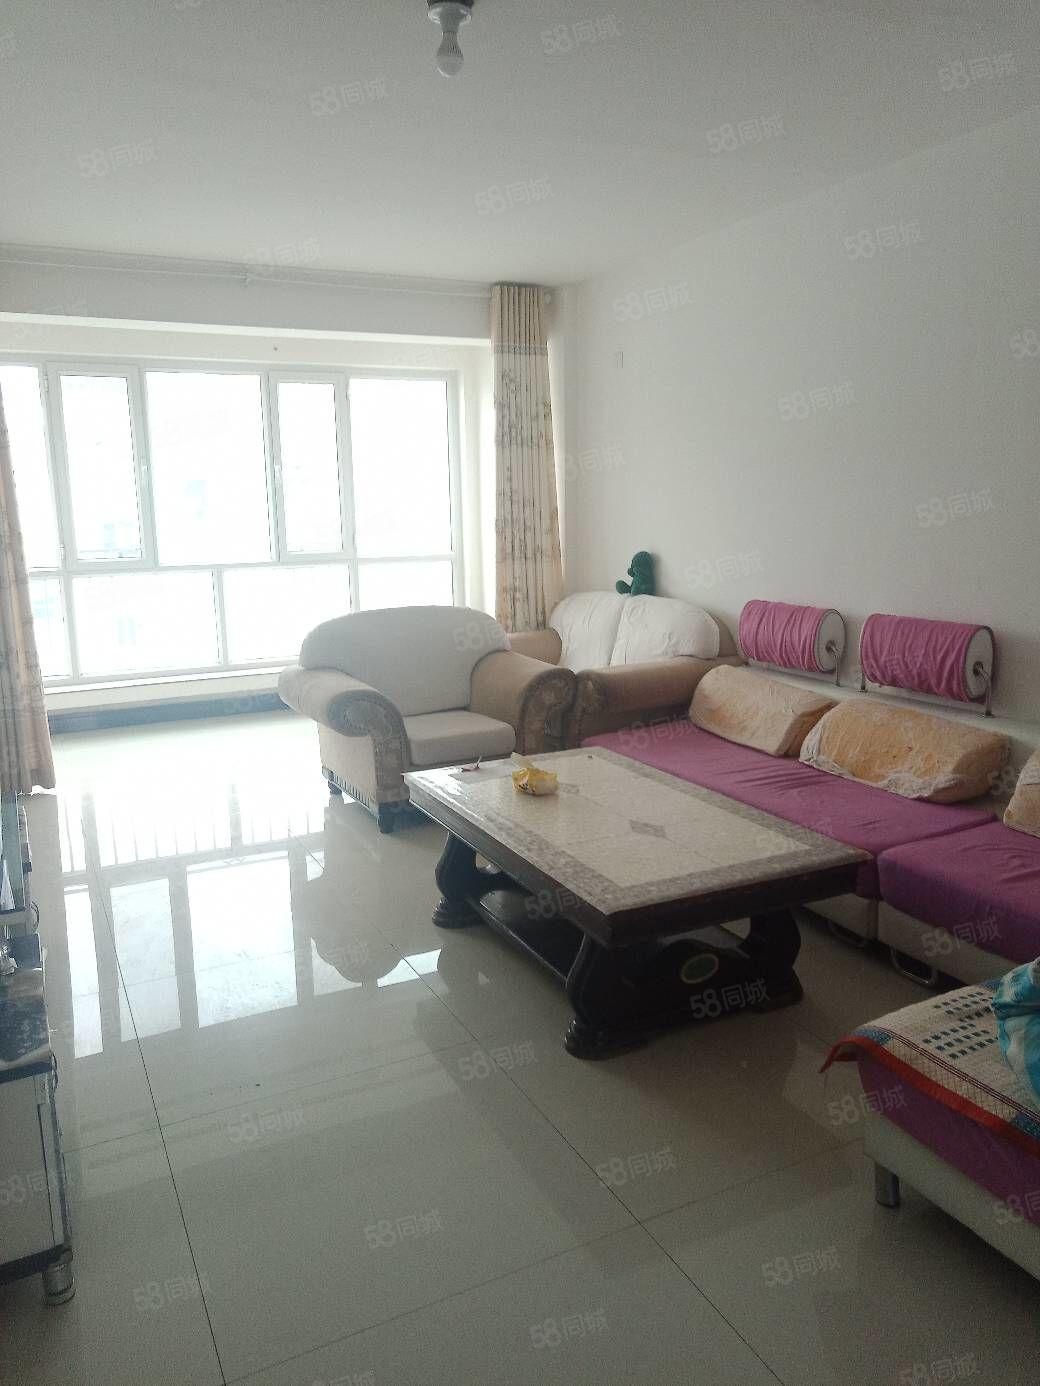 紫瑞园3室2厅1厨1卫干净整洁。新房寻求爱干净的您